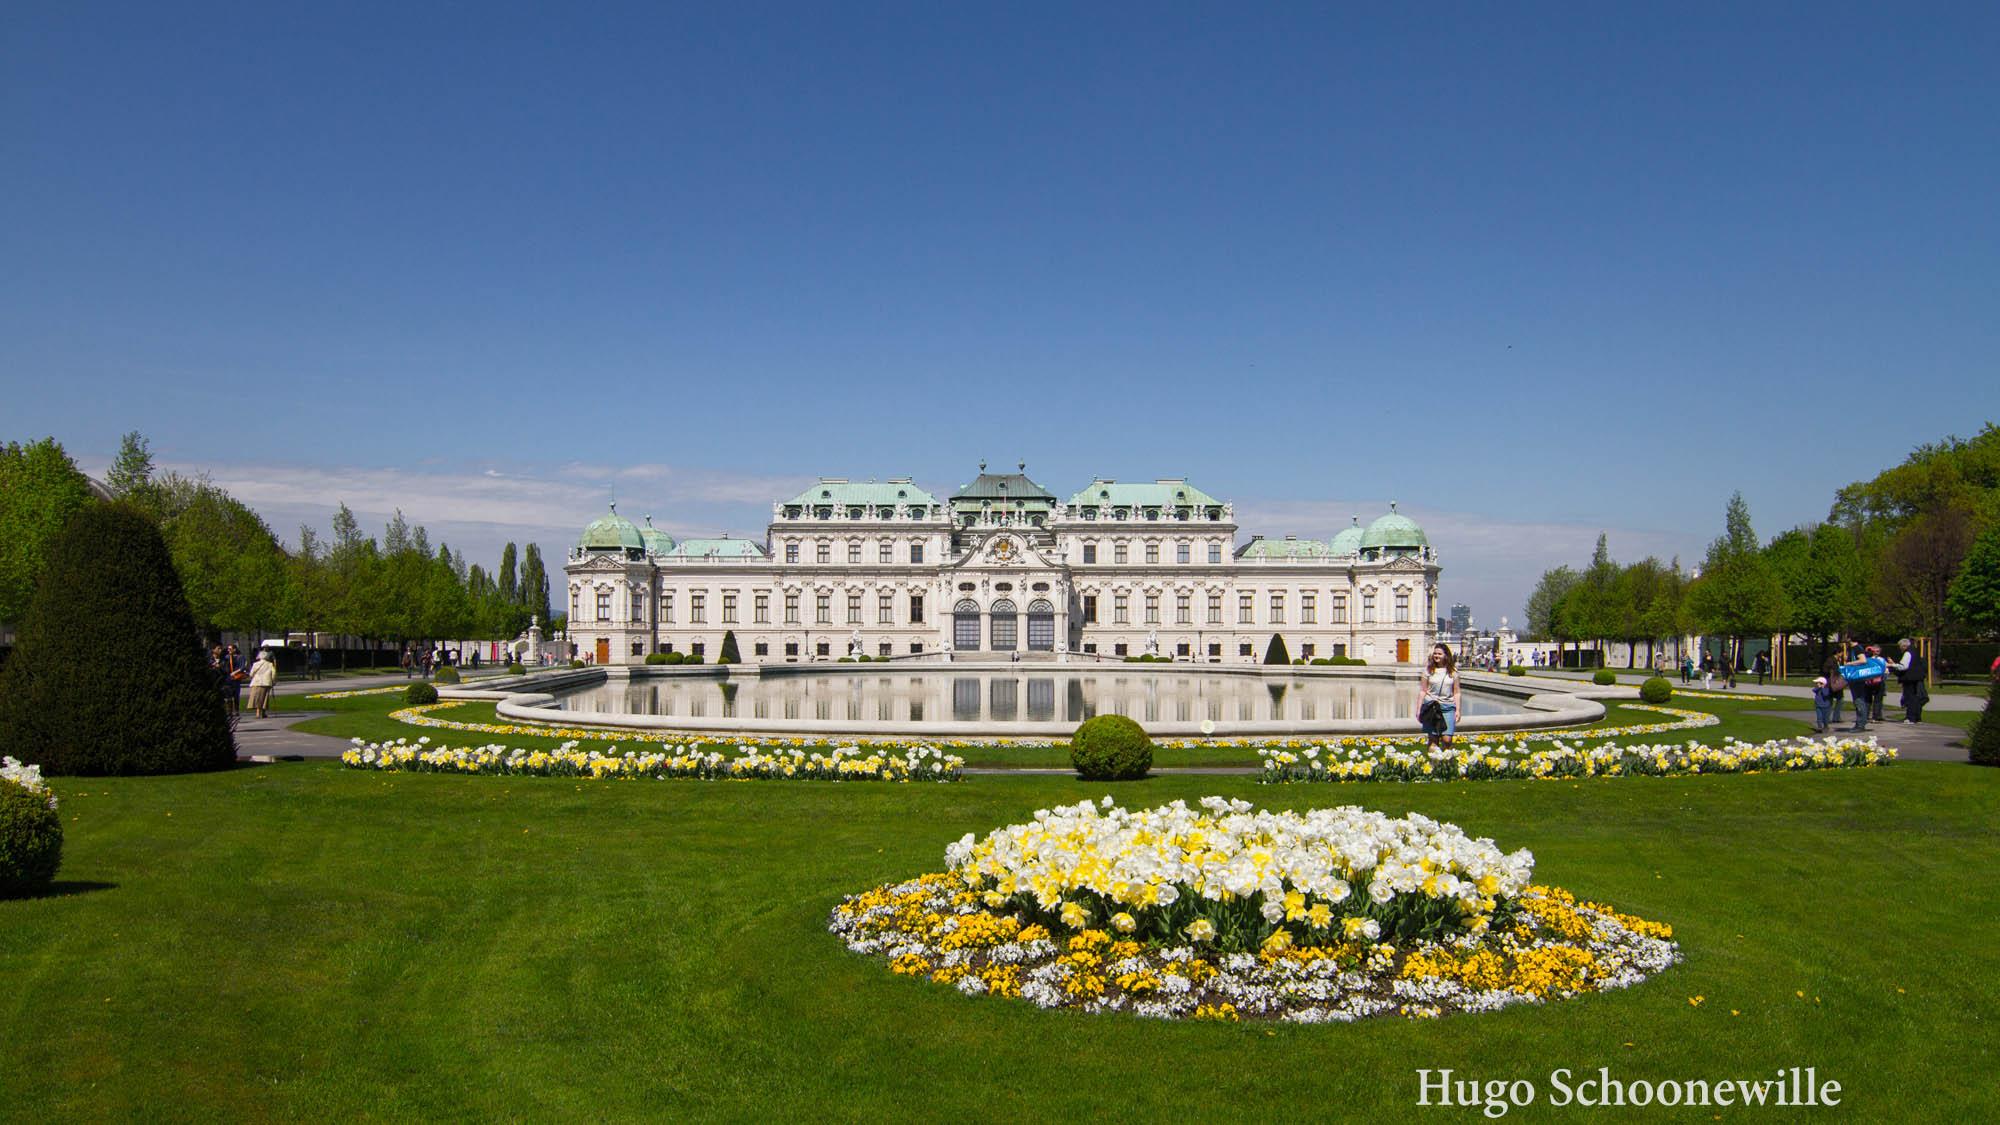 Slot Belvedere in Wenen met daarvoor een groen grasveld en een bloemperk.